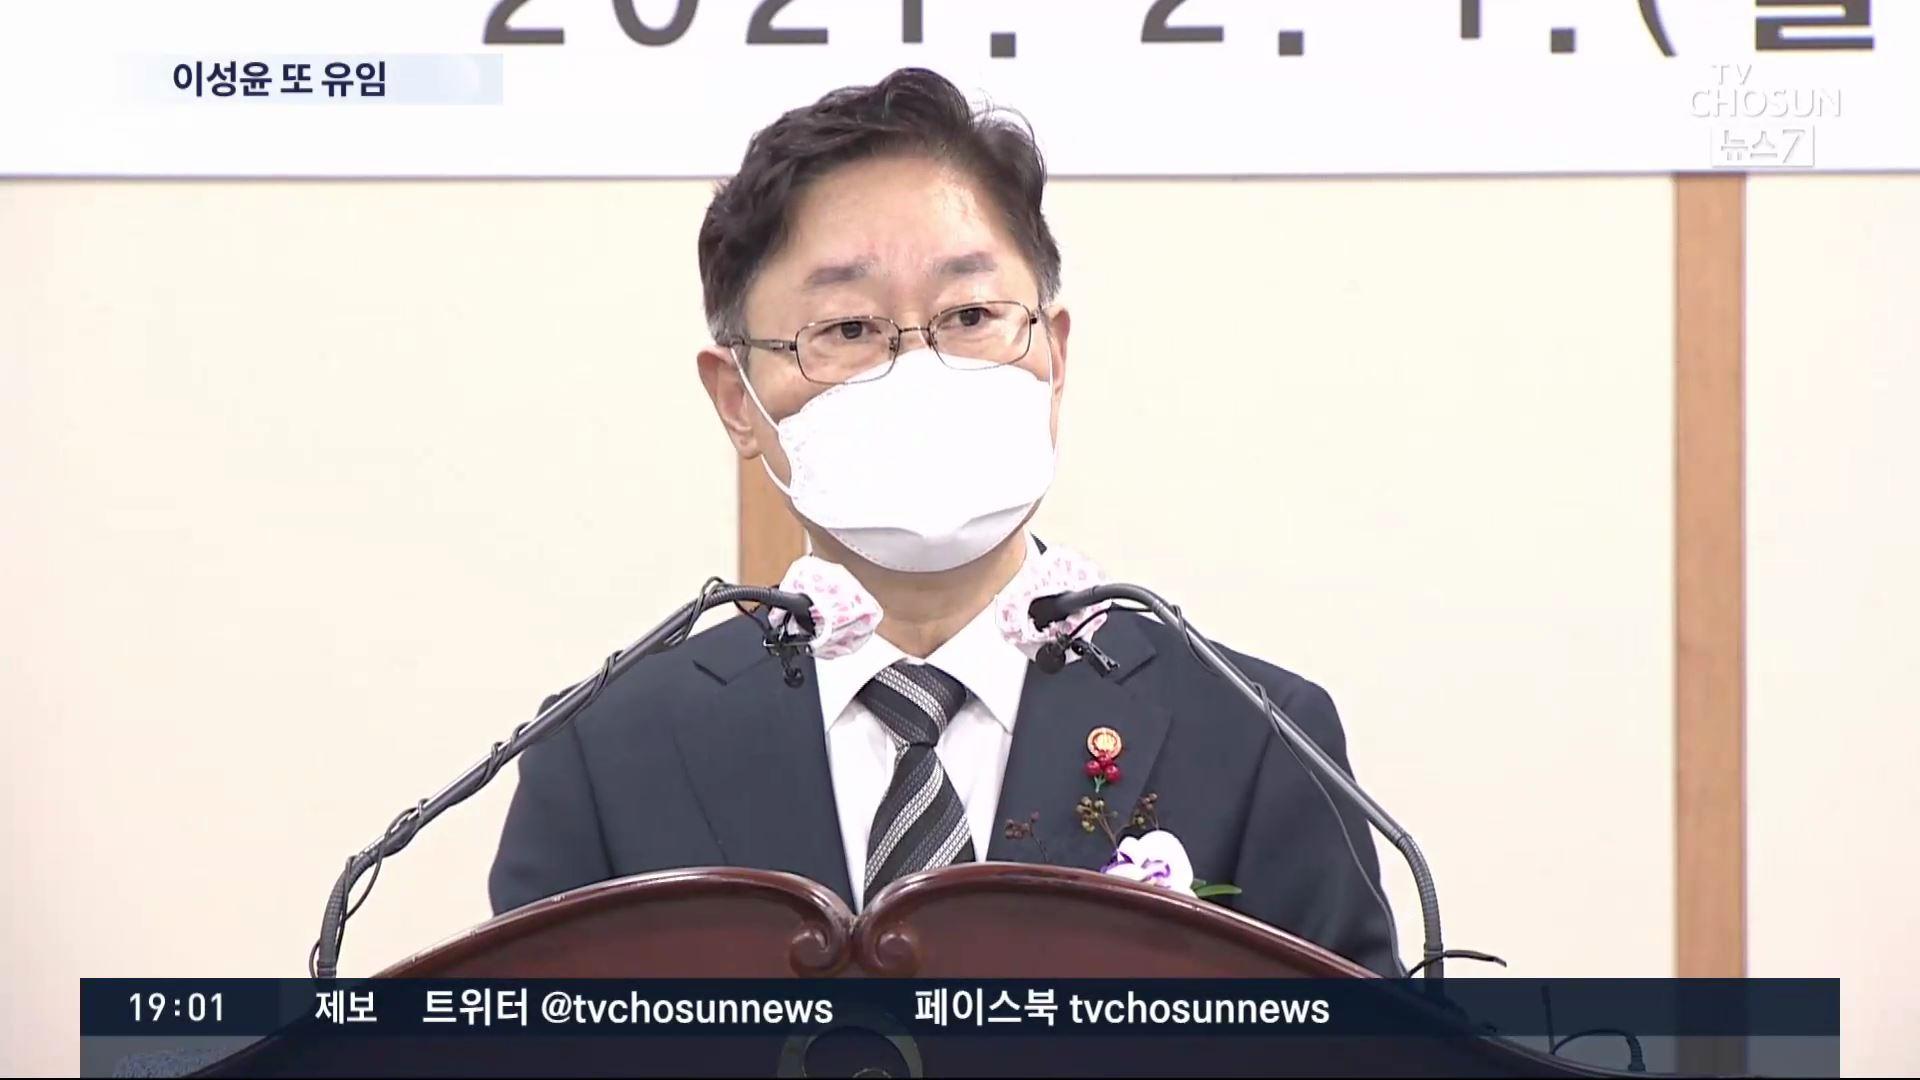 박범계 첫 검찰 인사…이성윤 서울중앙지검장 유임